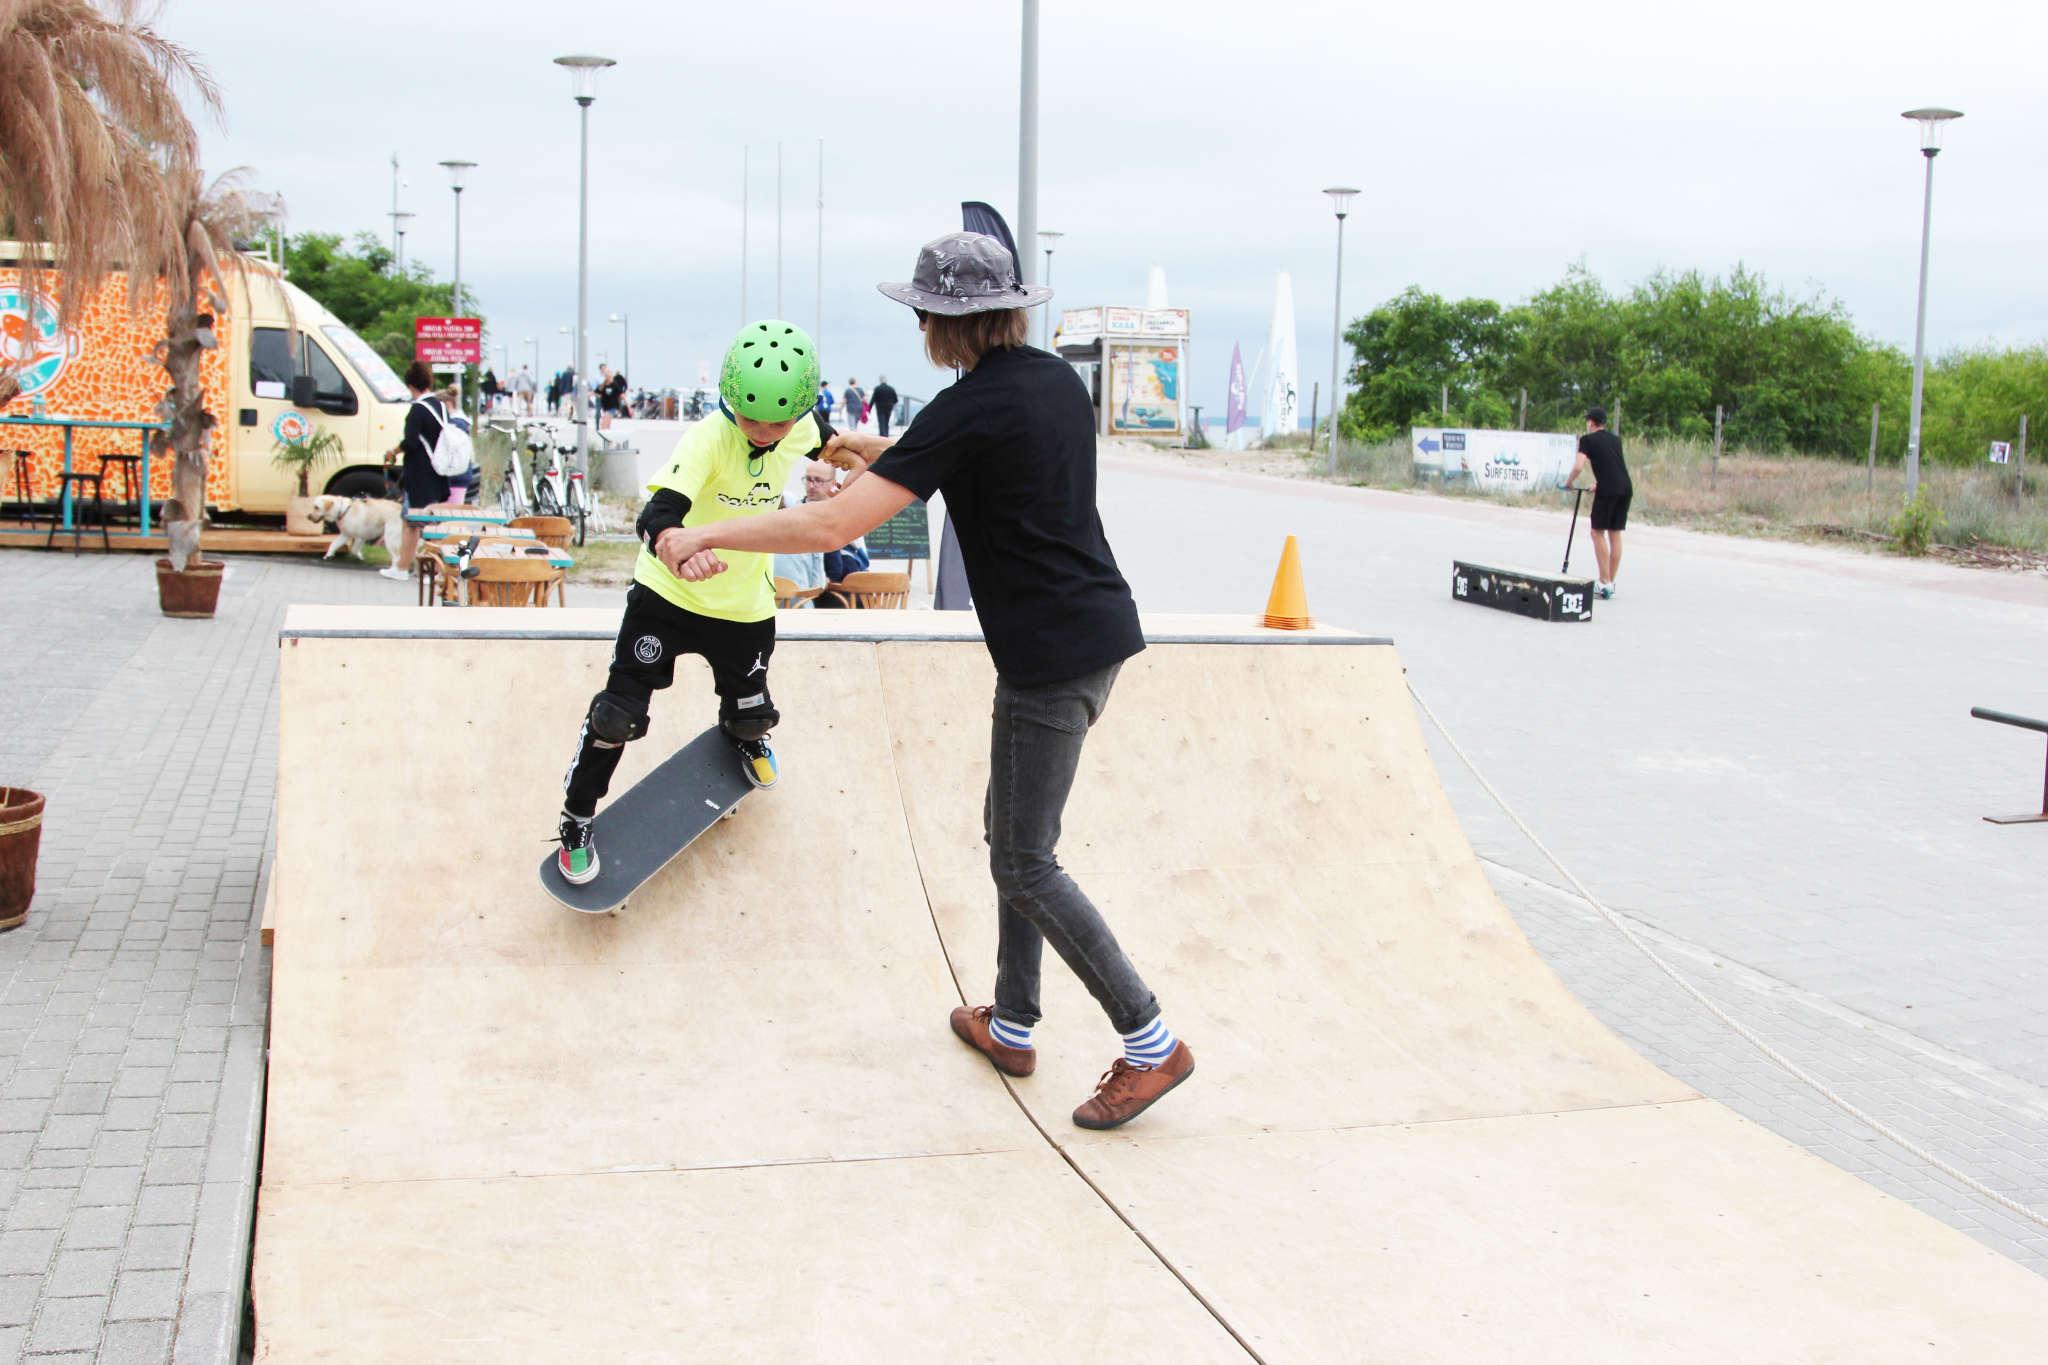 Skate slide 2